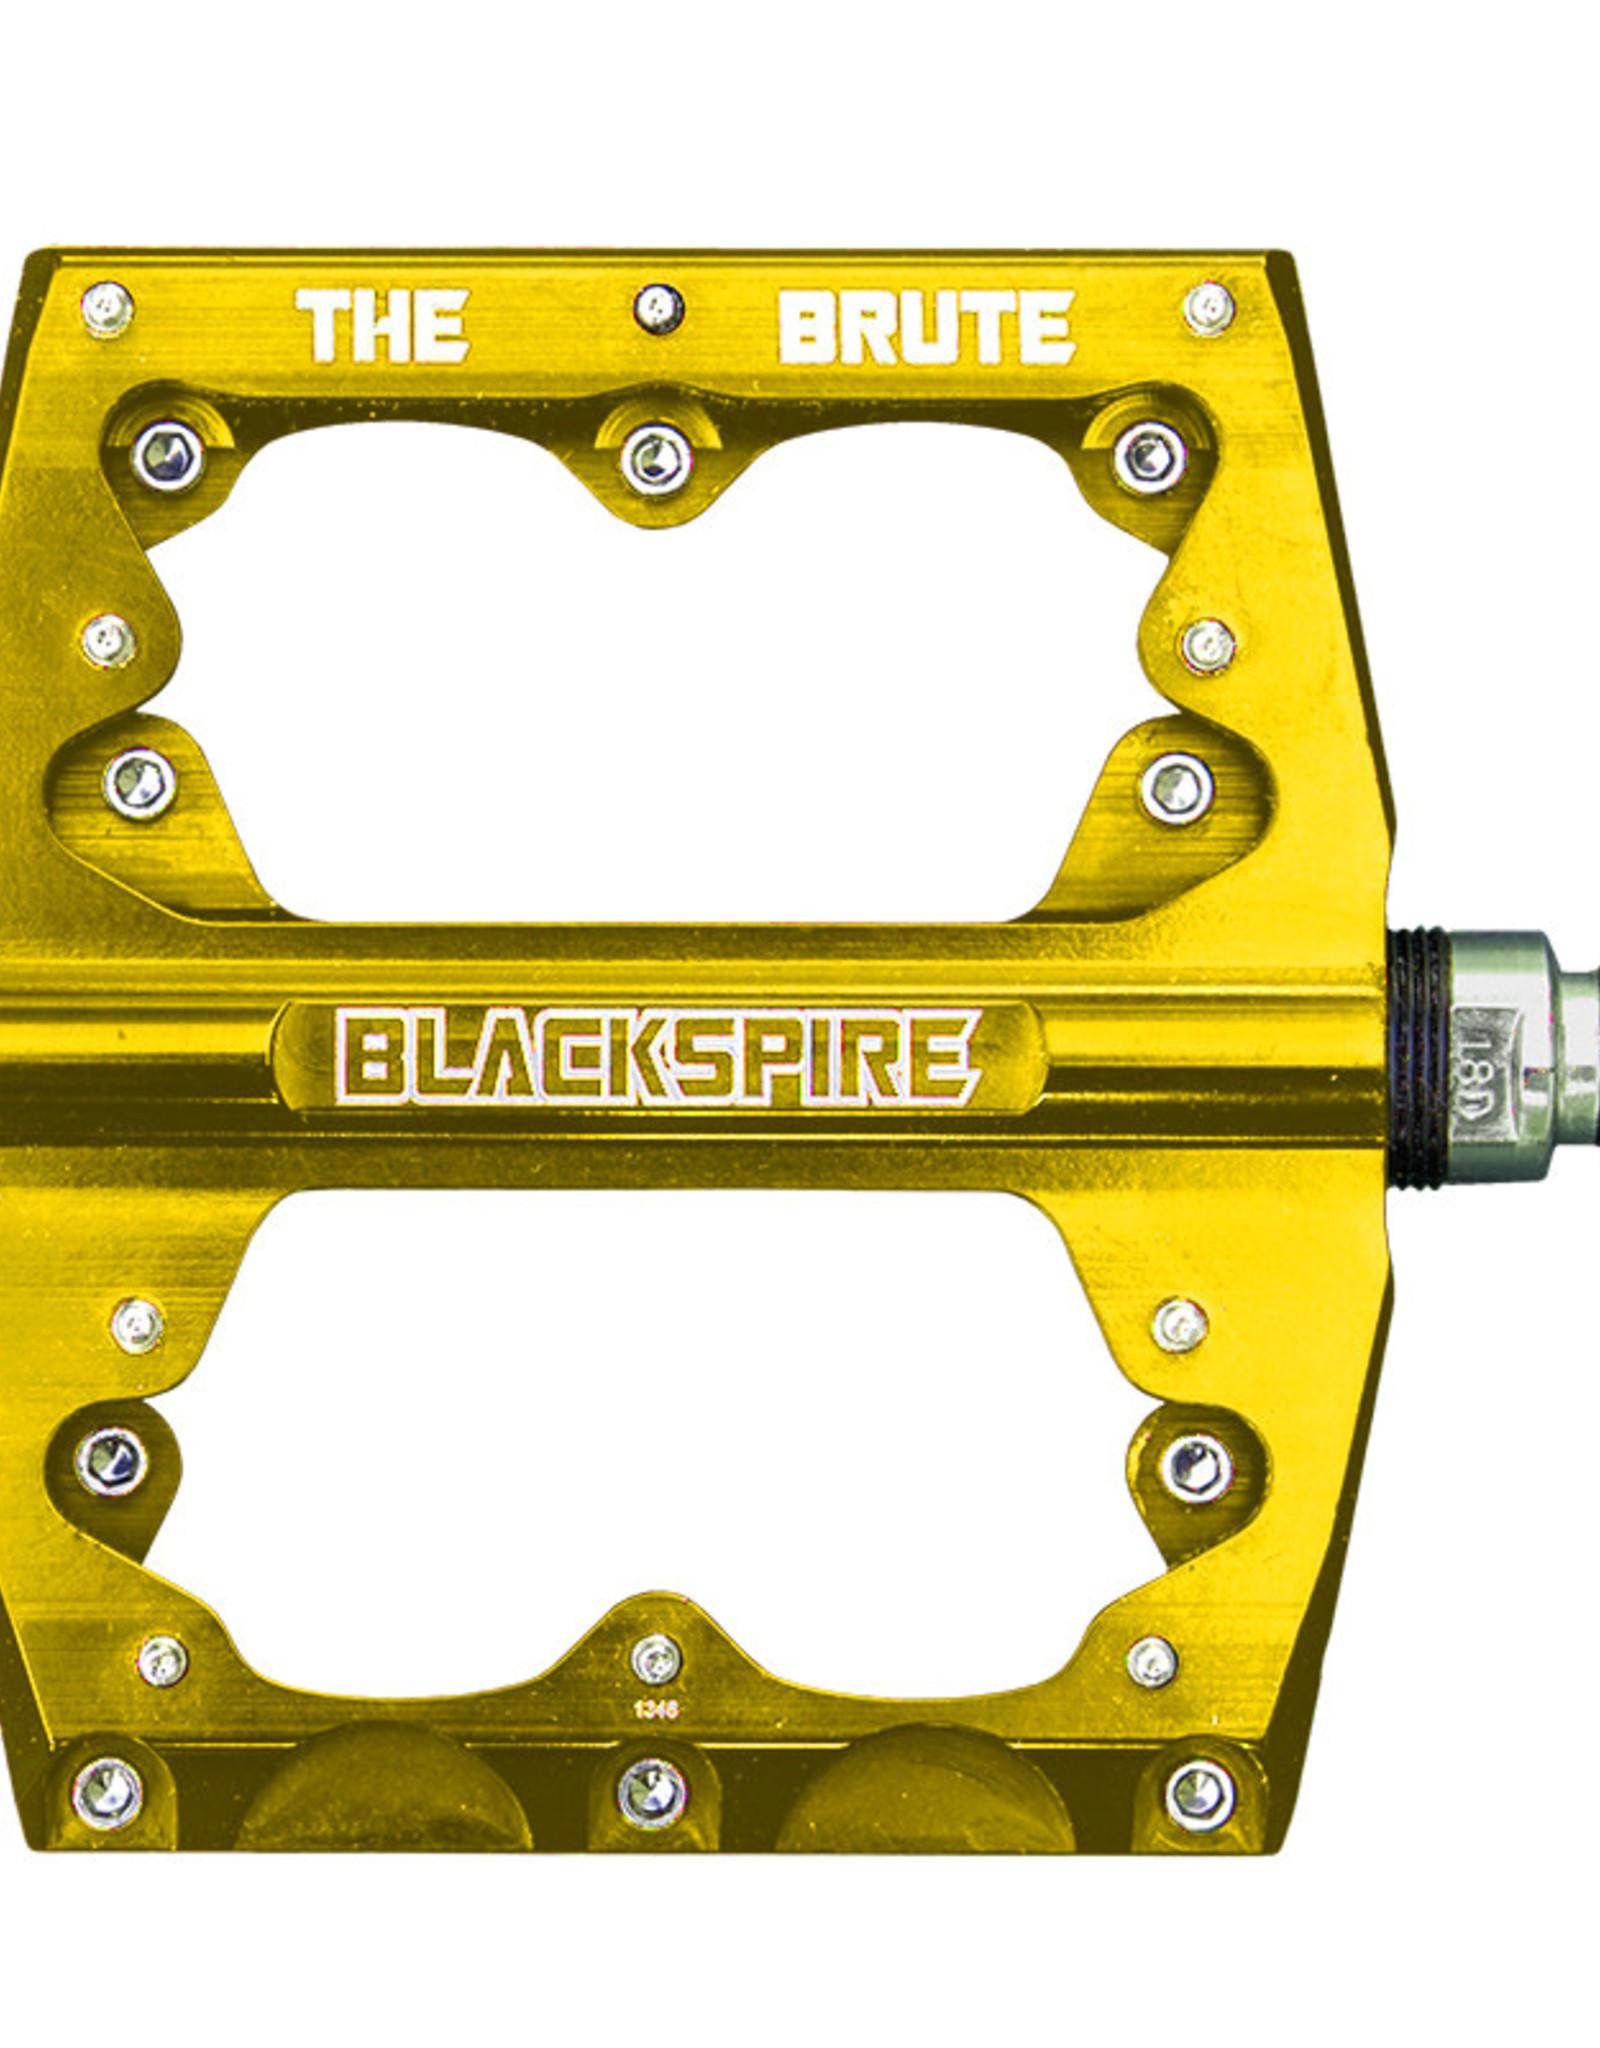 BLACKSPIRE BLKSPR BRUTE PEDAL GOLD